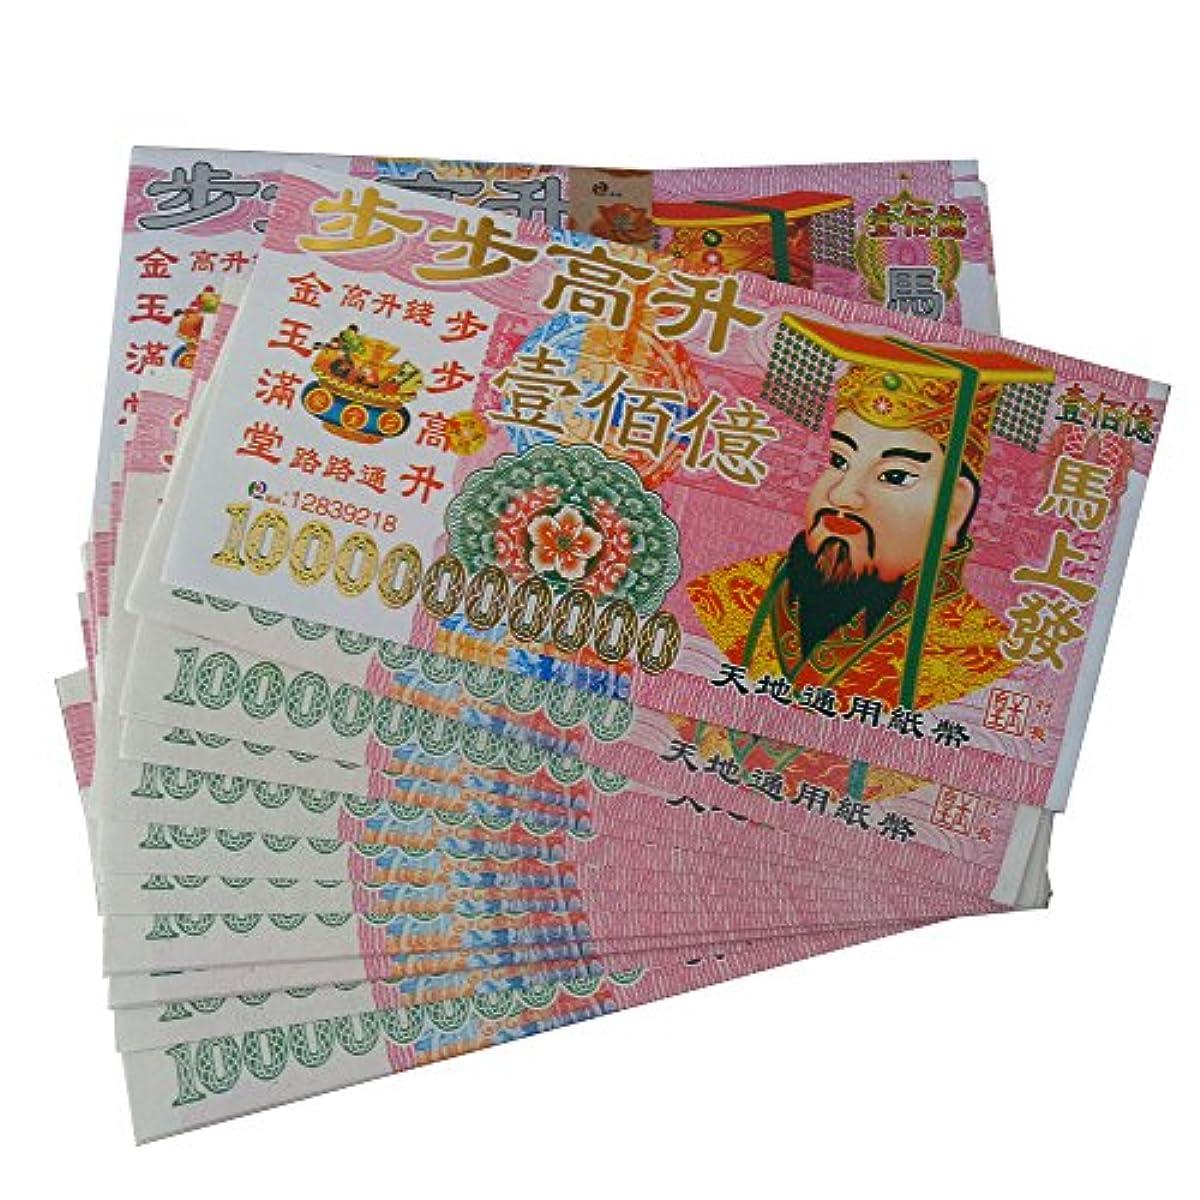 カテゴリー傾向がある褒賞zeestar Chinese Joss Paper Money Hell Bank Note $ 10,000,000,000 9.8インチx 5.1インチ(パックof 120 )